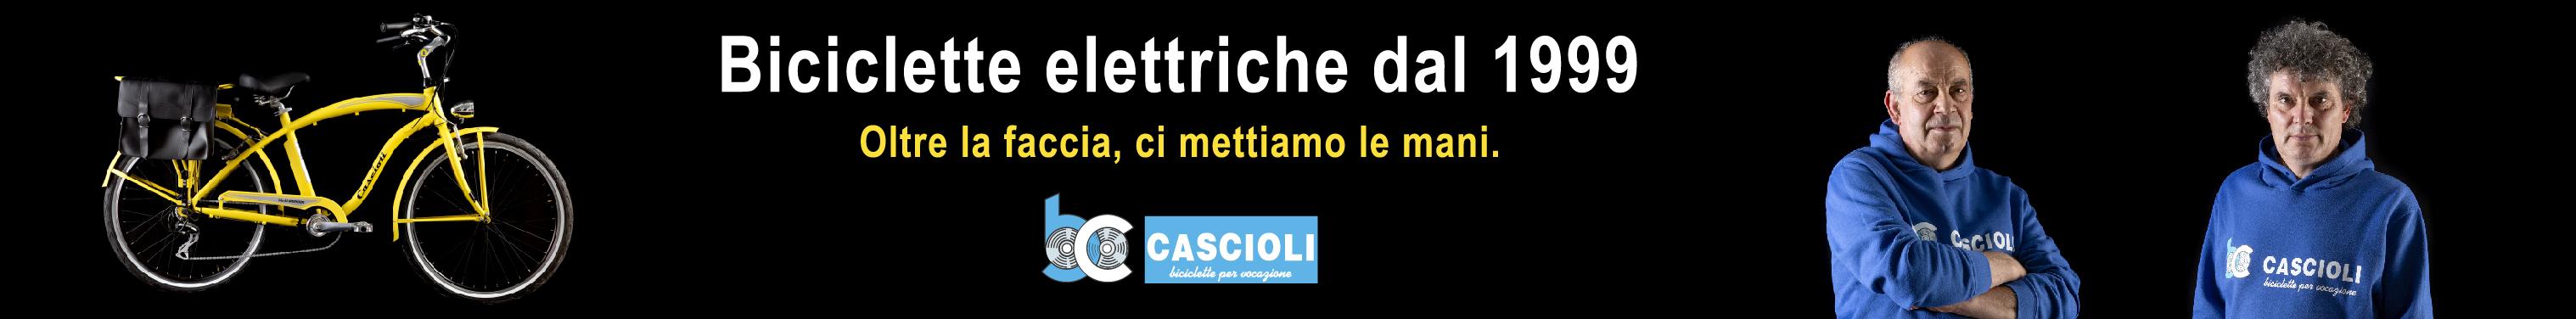 Bc Cascioli